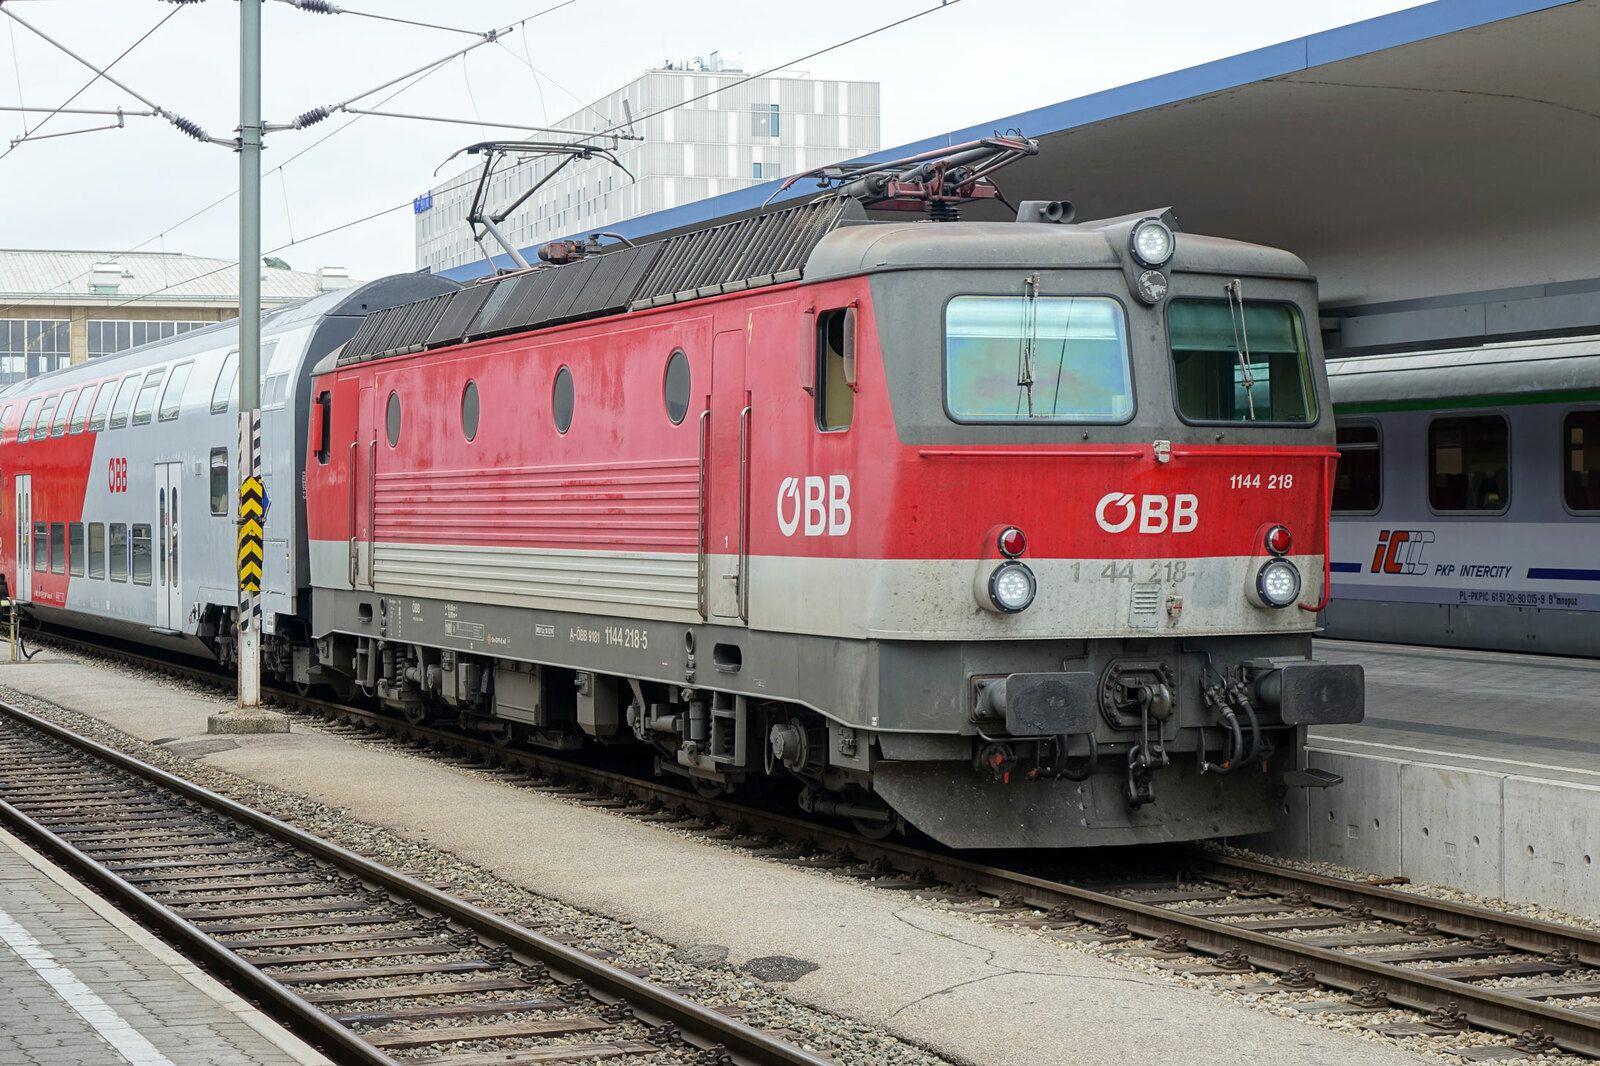 Une locomotive ÖBB de la série 1144 (5000 kW) vient d'arriver en gare de Vienne Westbahnhof en tête d'un train de banlieue à 2 niveaux le 19 août 2015.